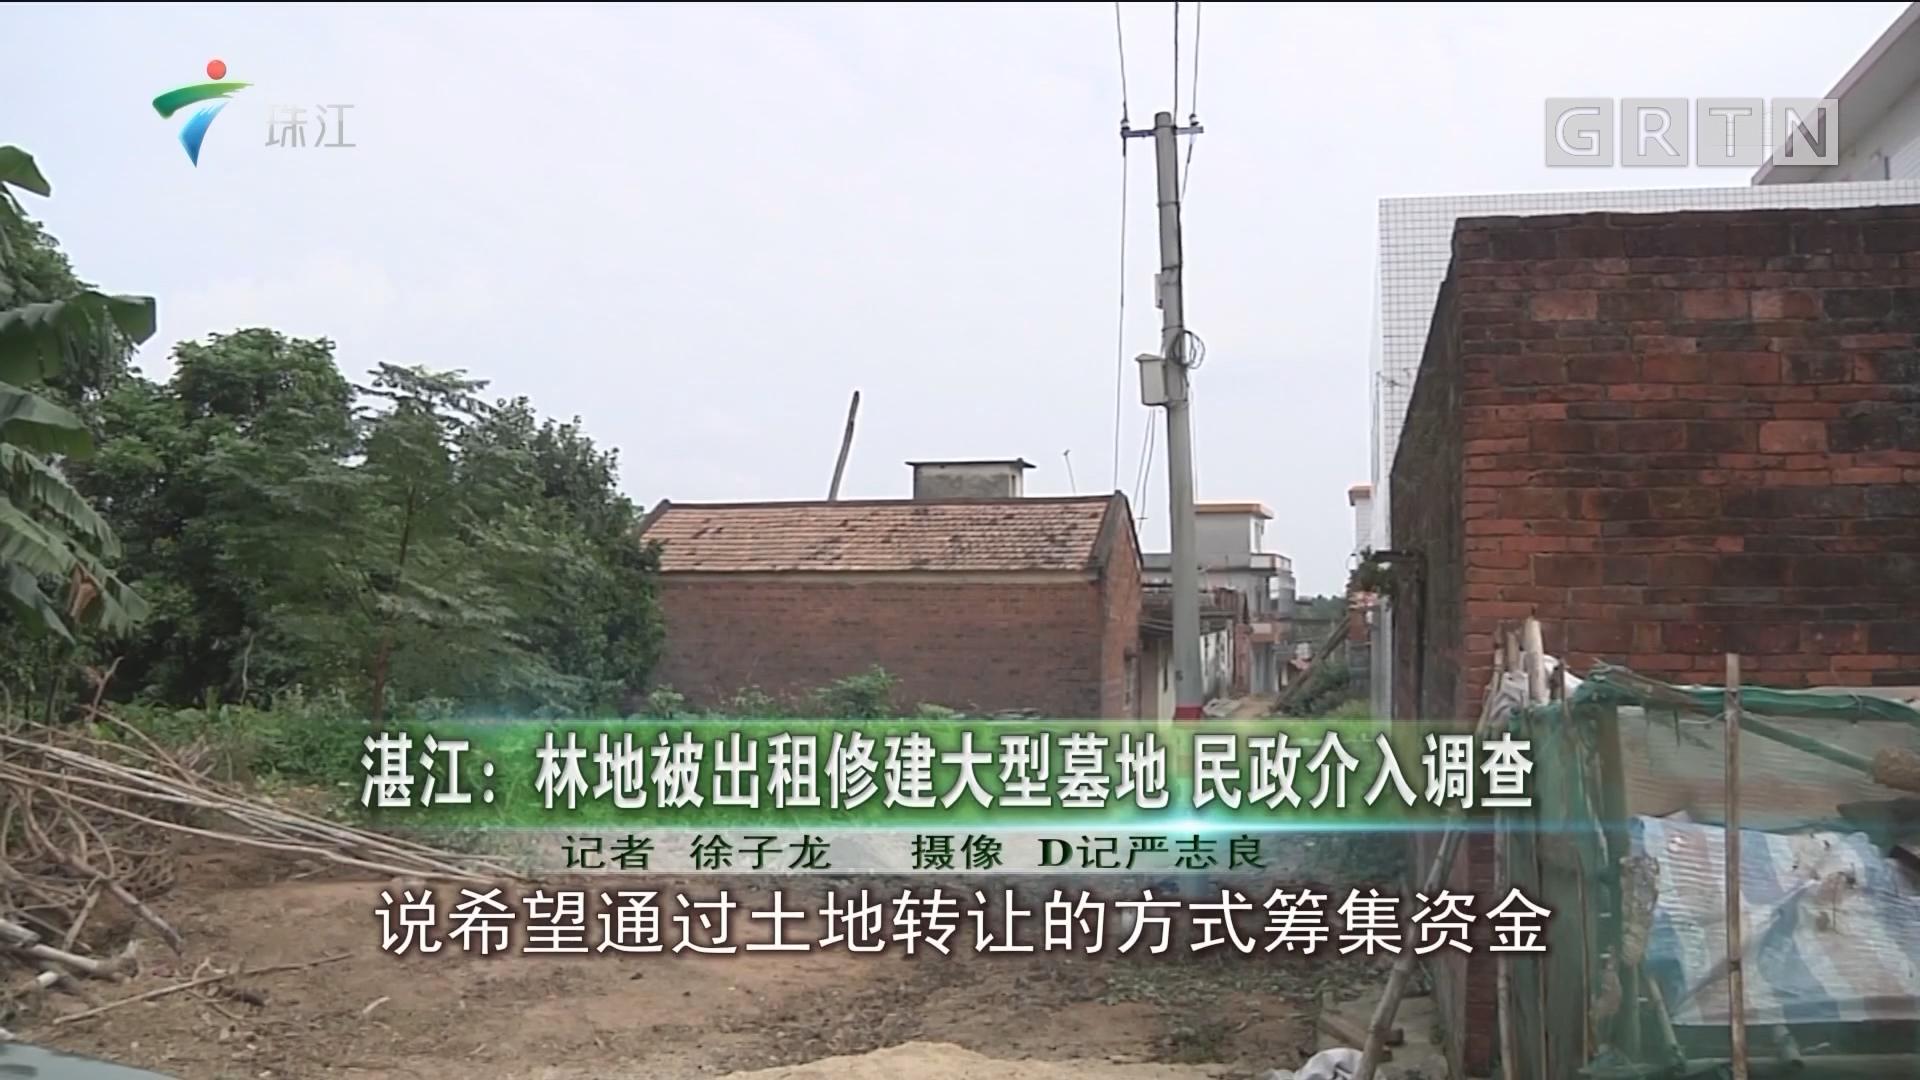 湛江:林地被出租修建大型墓地 民政介入调查